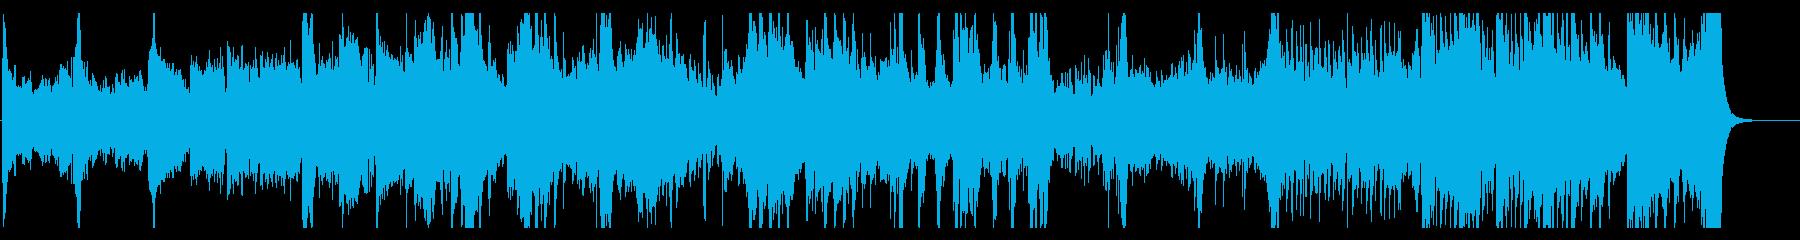 感動と癒しの映画アイリッシュミュージックの再生済みの波形